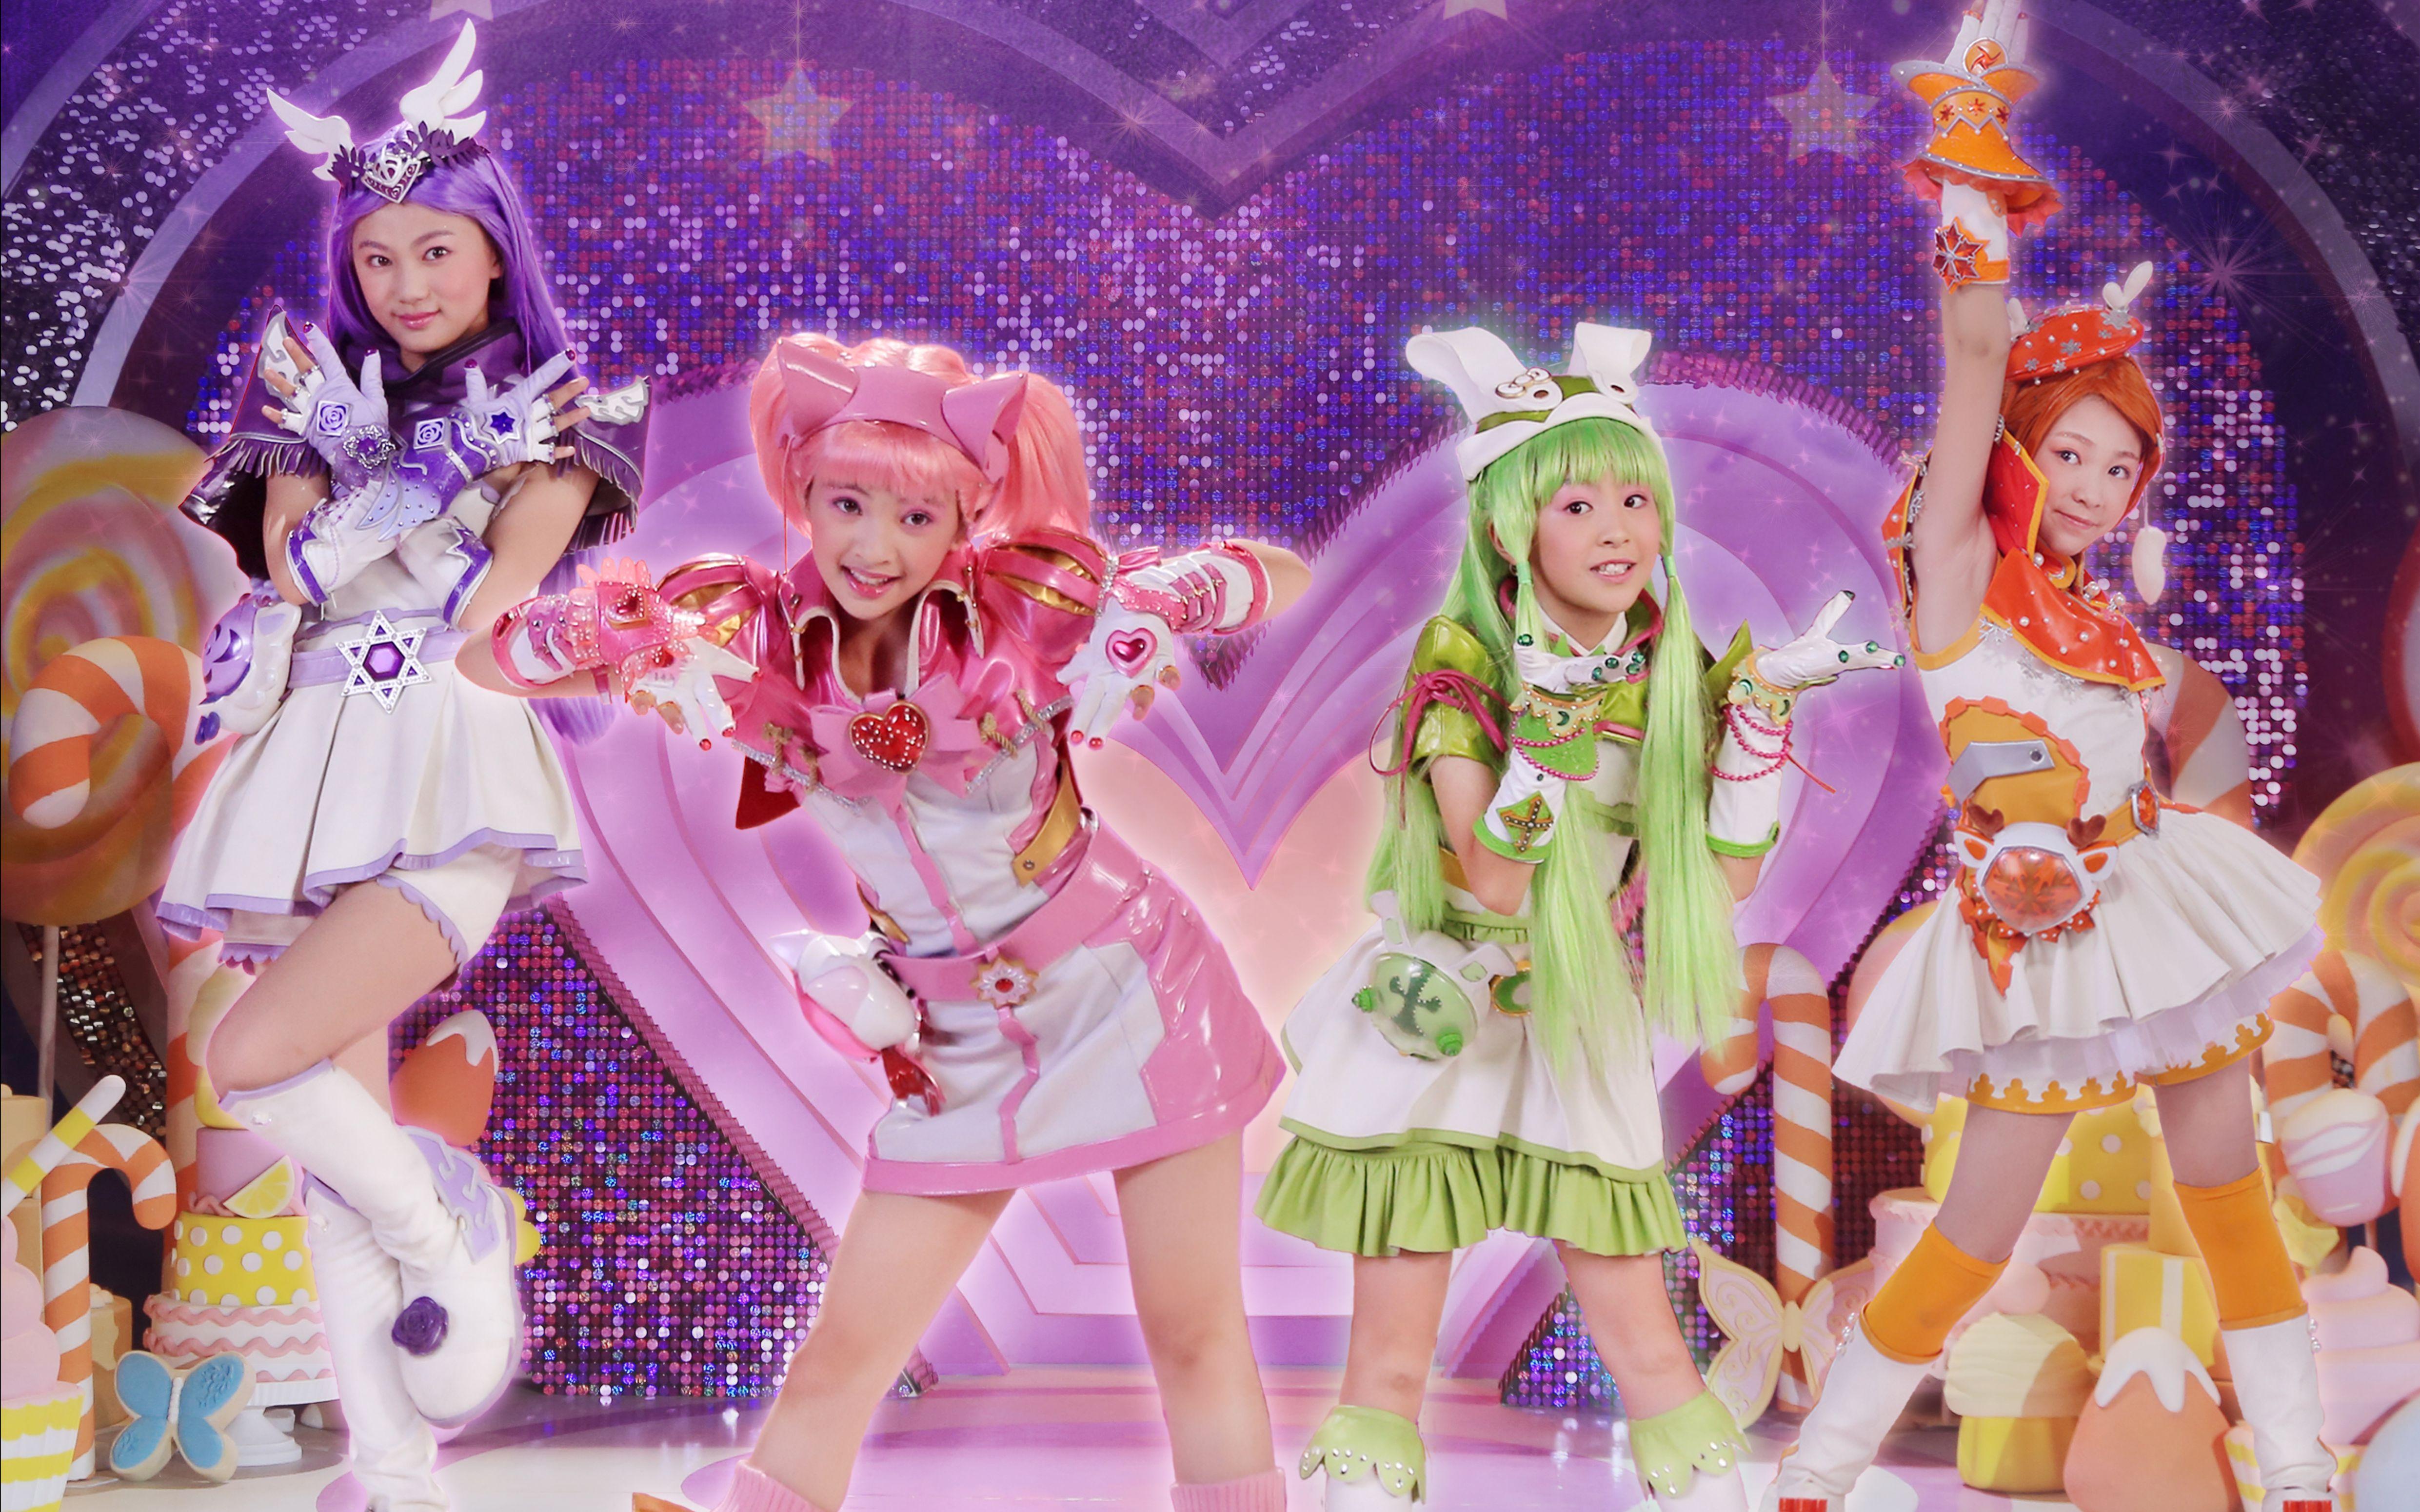 舞法天女第二季_【魔幻/歌舞】舞法天女朵法拉 第二季 01-02:再次感受朵蜜的力量吧!